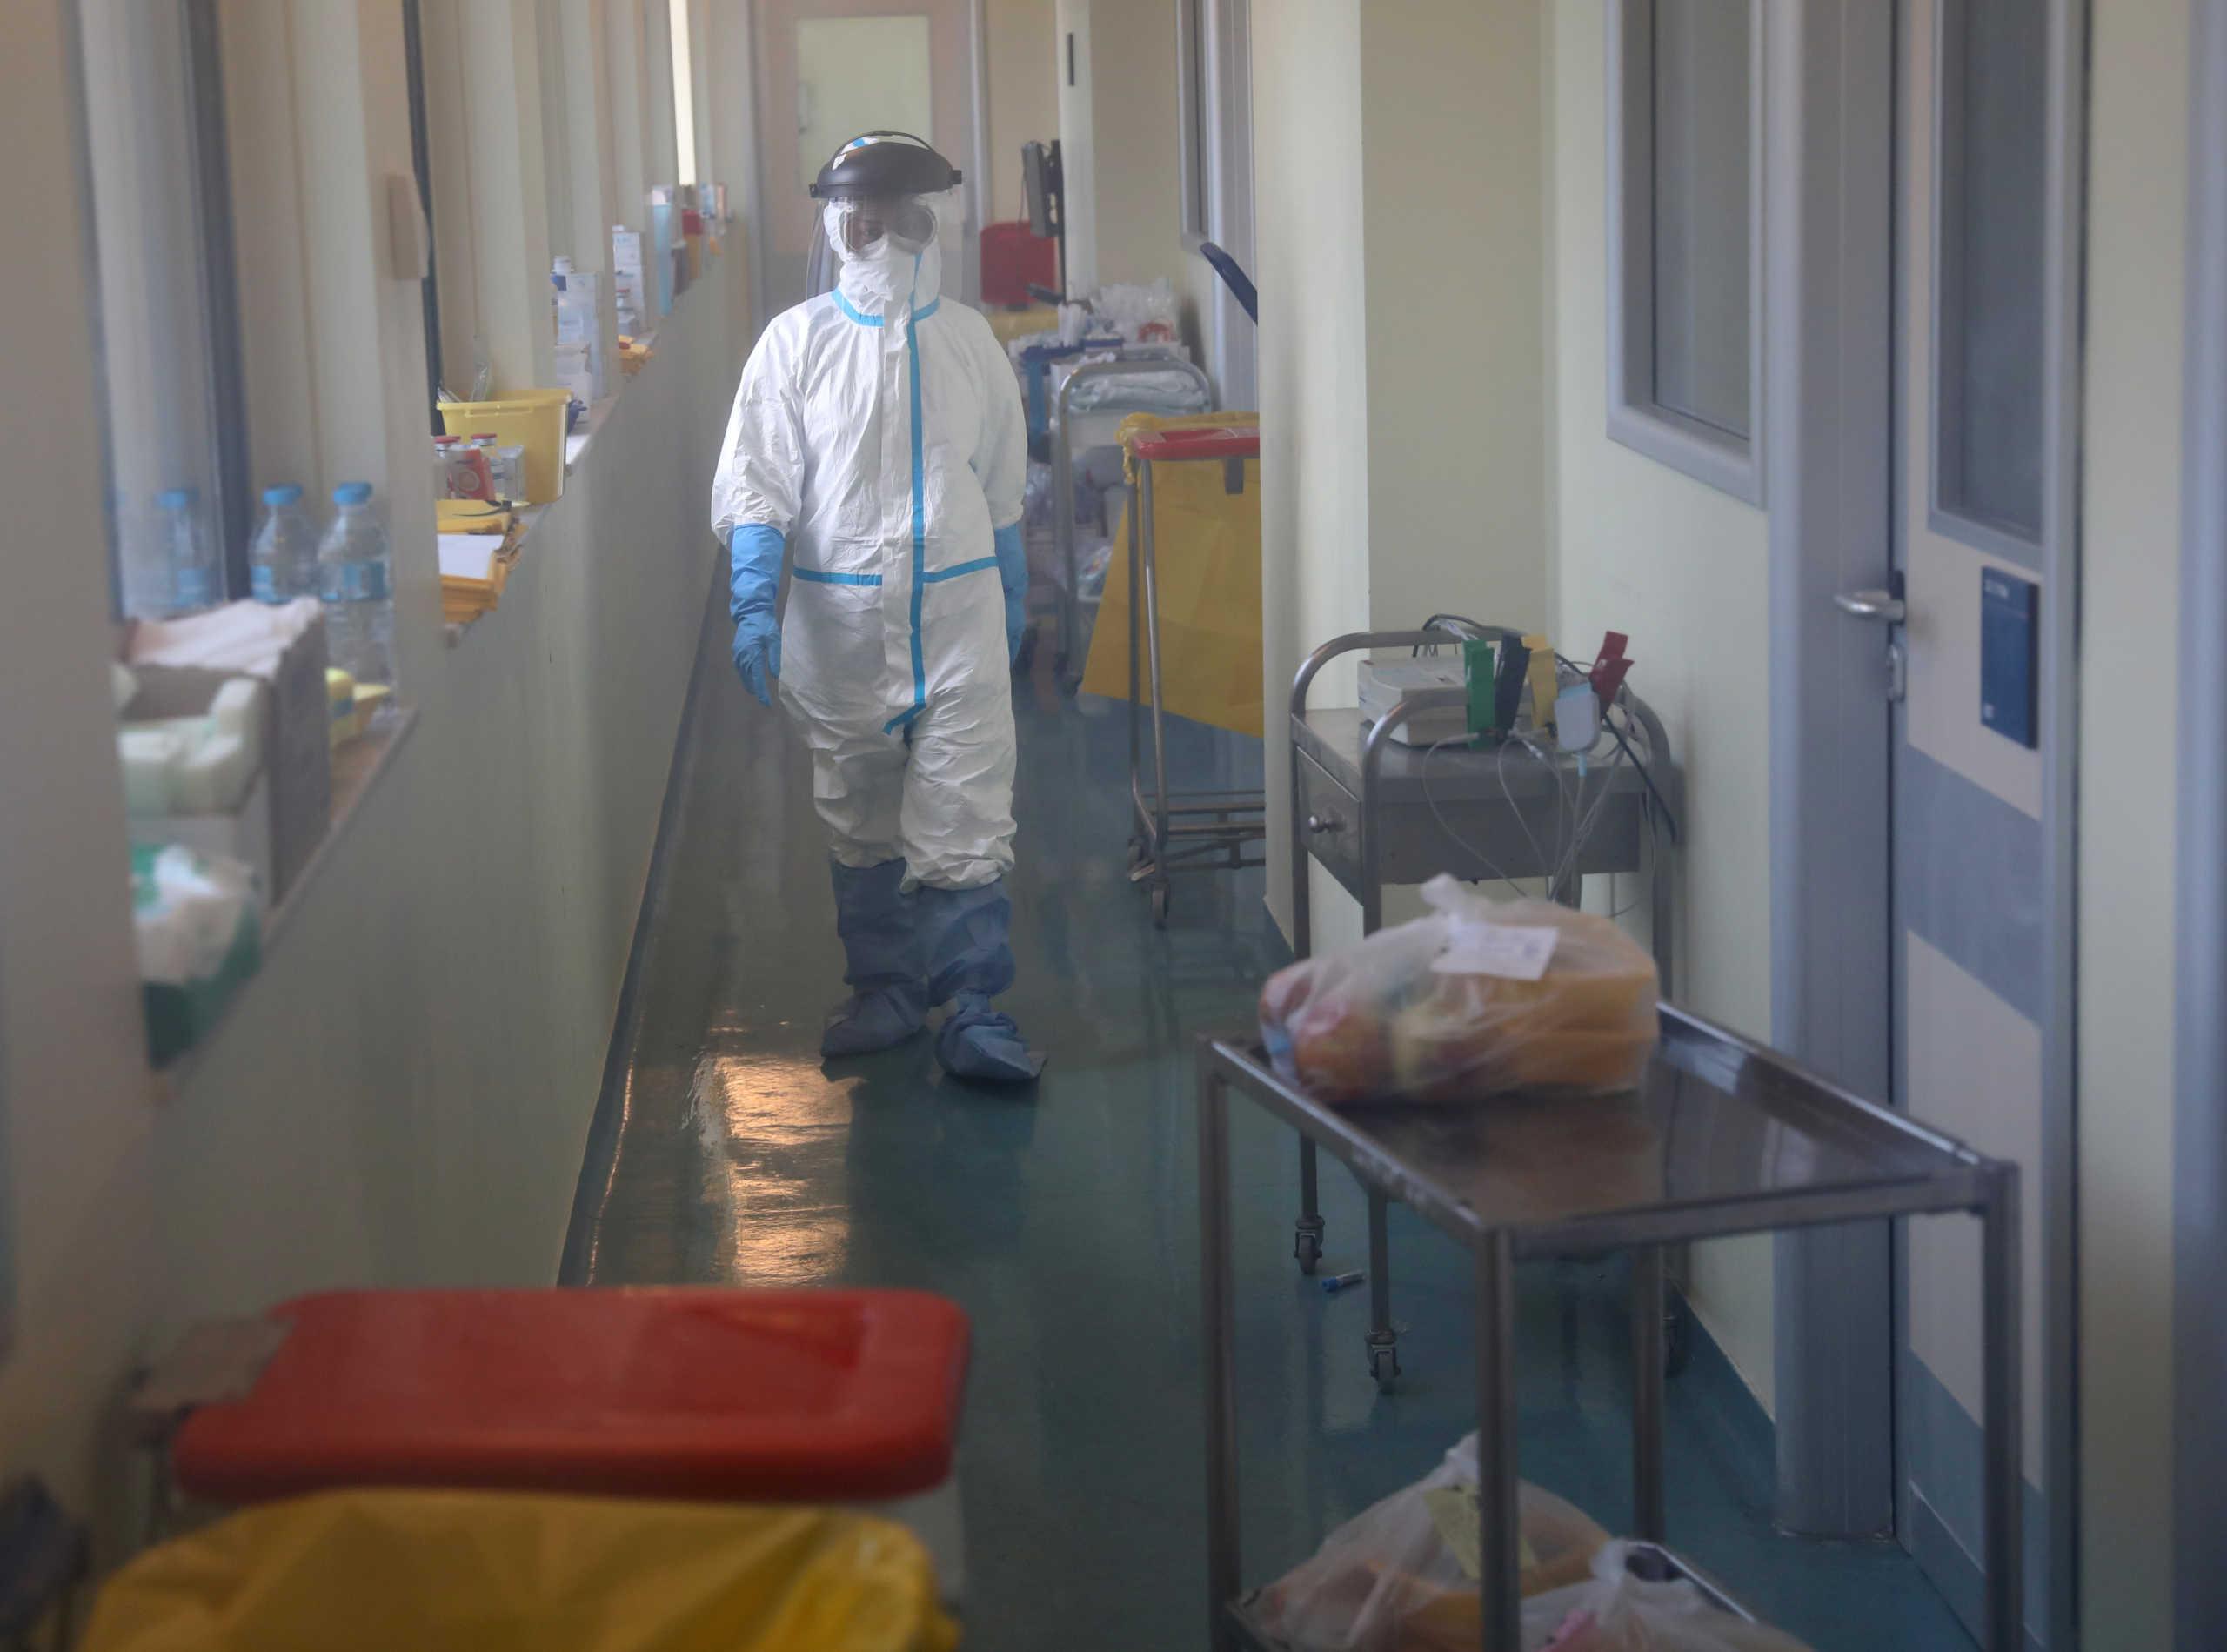 Κορονοϊός: 21 νέα κρούσματα στην Ελλάδα – Κανένας θάνατος το τελευταίο 24ωρο